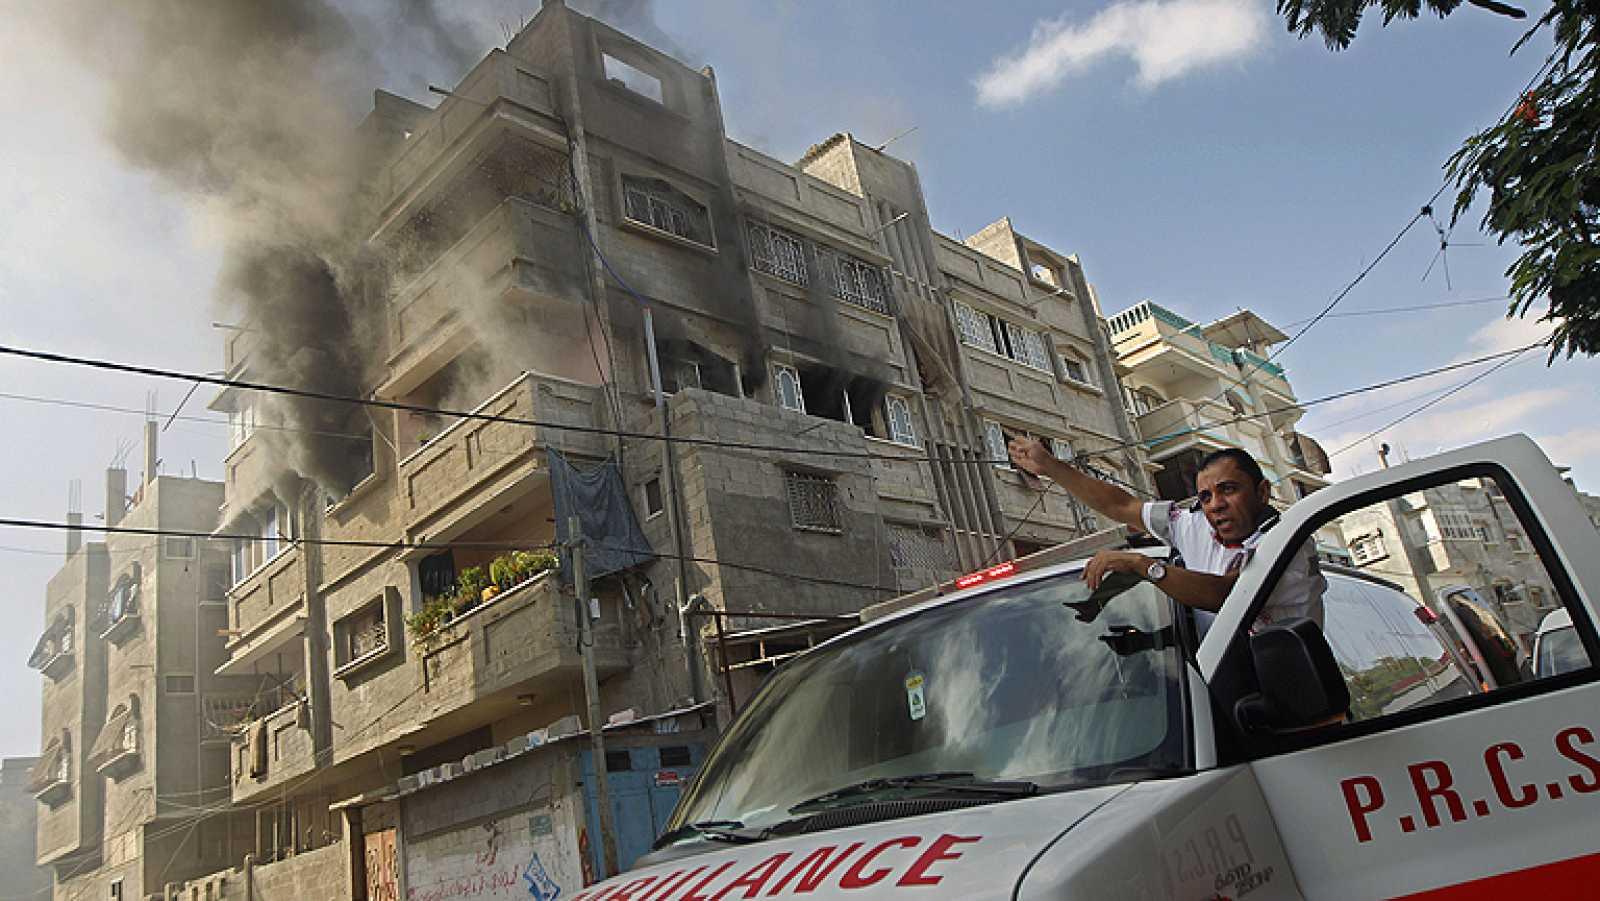 Condena vehemente de Naciones Unidas y de la Unión Europea contra Israel por atacar otra escuela de la ONU en Gaza